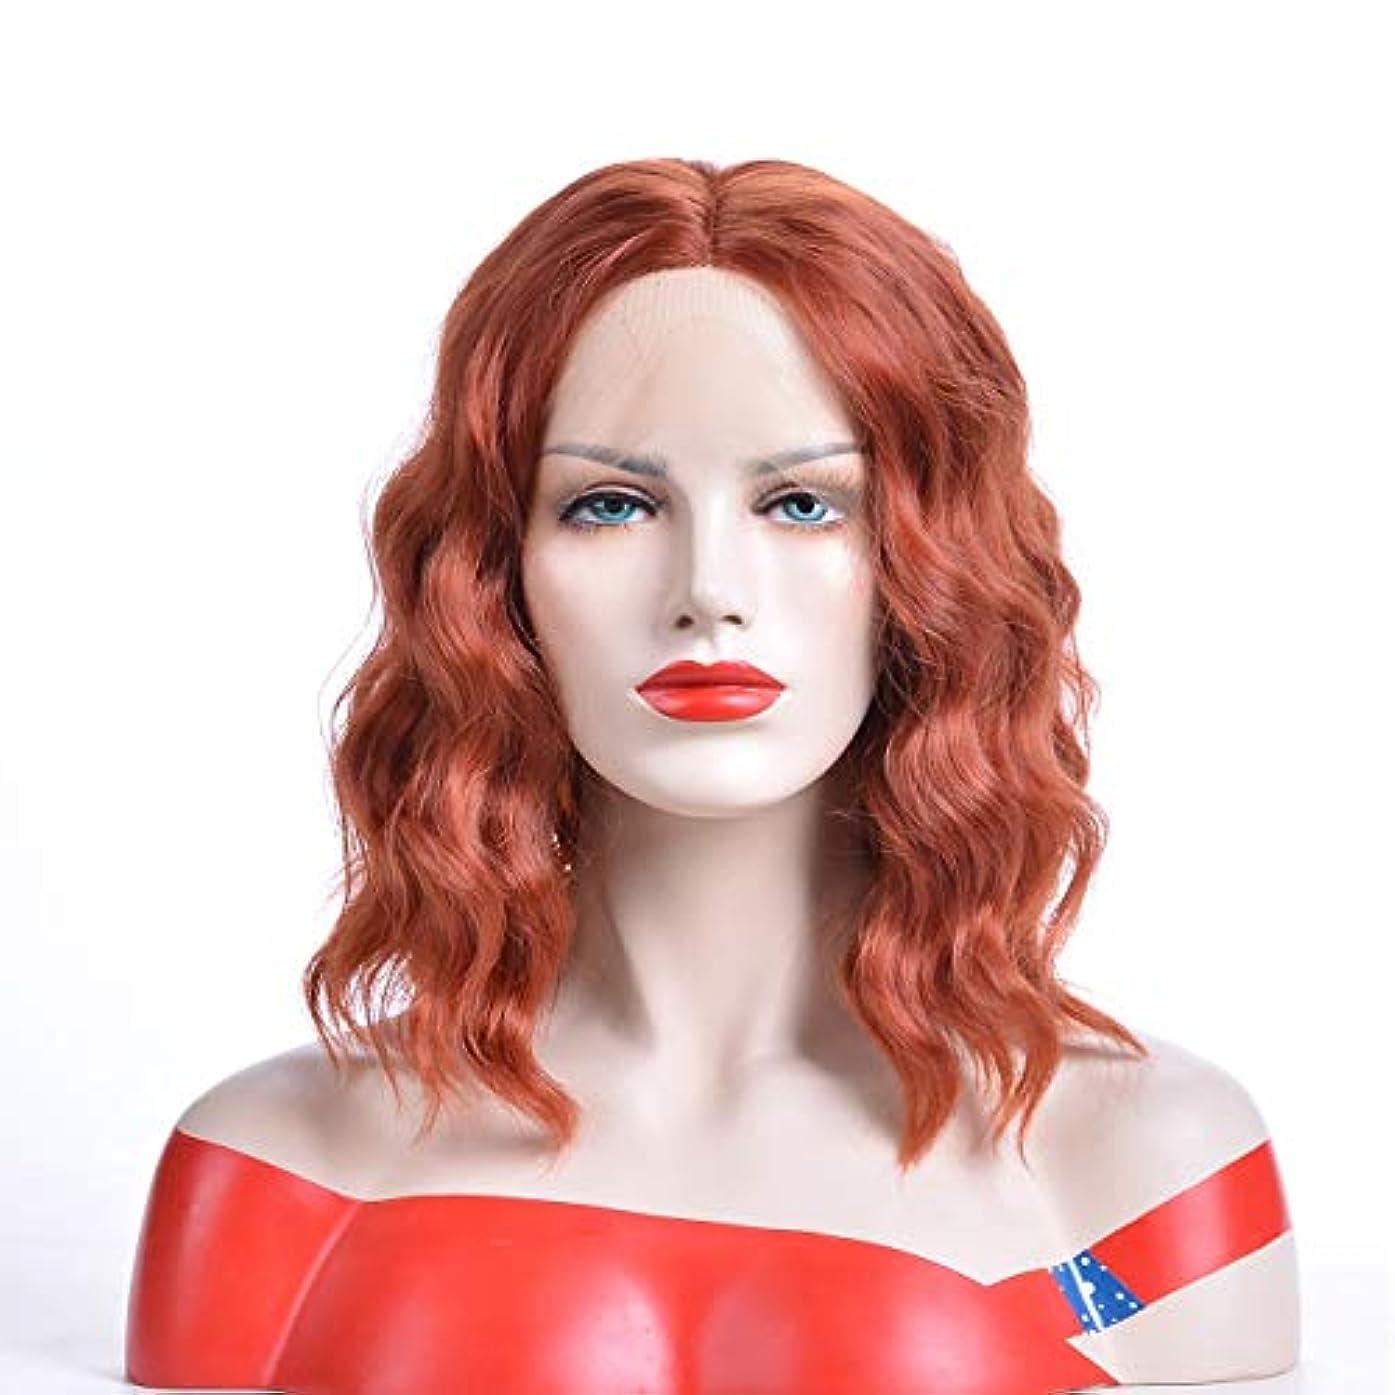 ロールカニグラフYOUQIU 21「」ショート波状カーリーブロンドレッド女性の女の子の魅力的な合成かつらコスプレハロウィンウィッグ耐熱ボブ?パーティーウィッグウィッグ (色 : Blonde Red, サイズ : 21